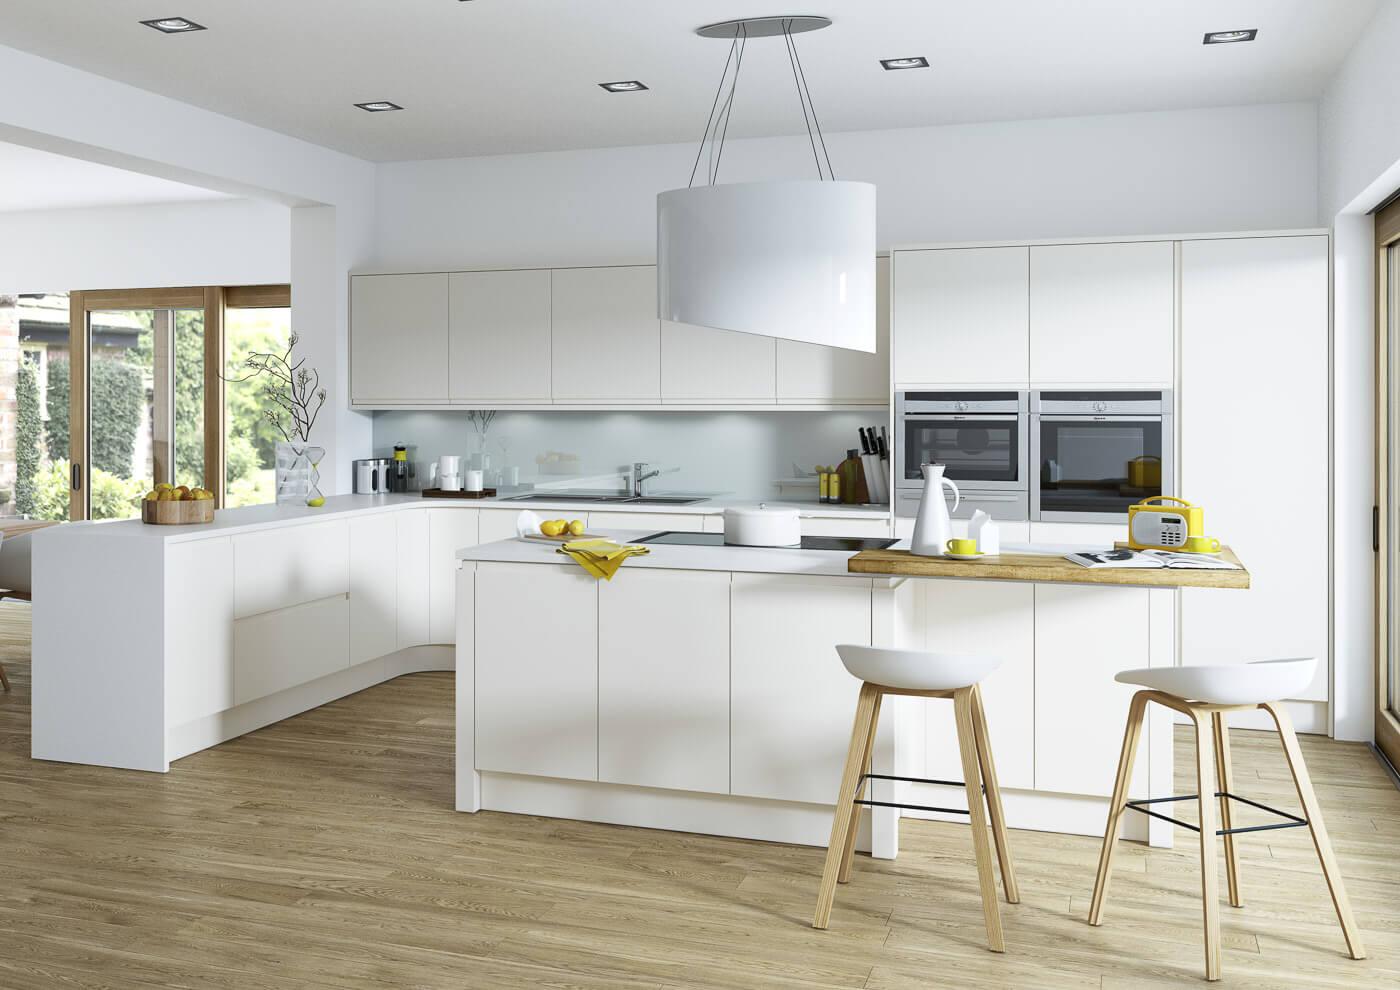 aconbury porcelain contemporary kitchen